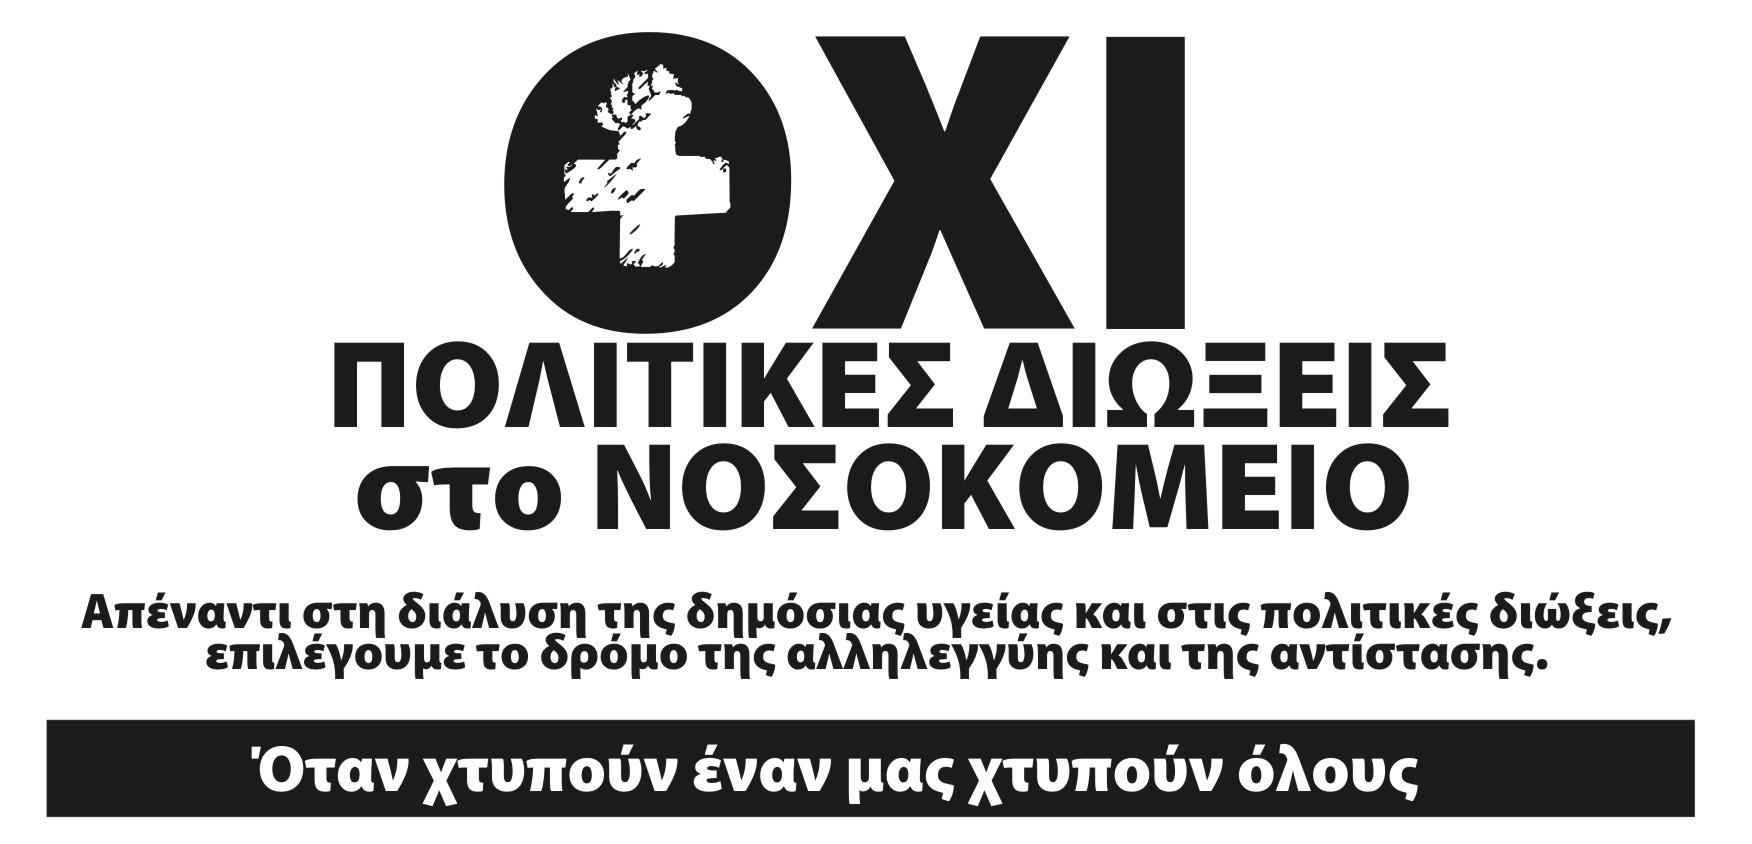 RethymnoNosokomeio